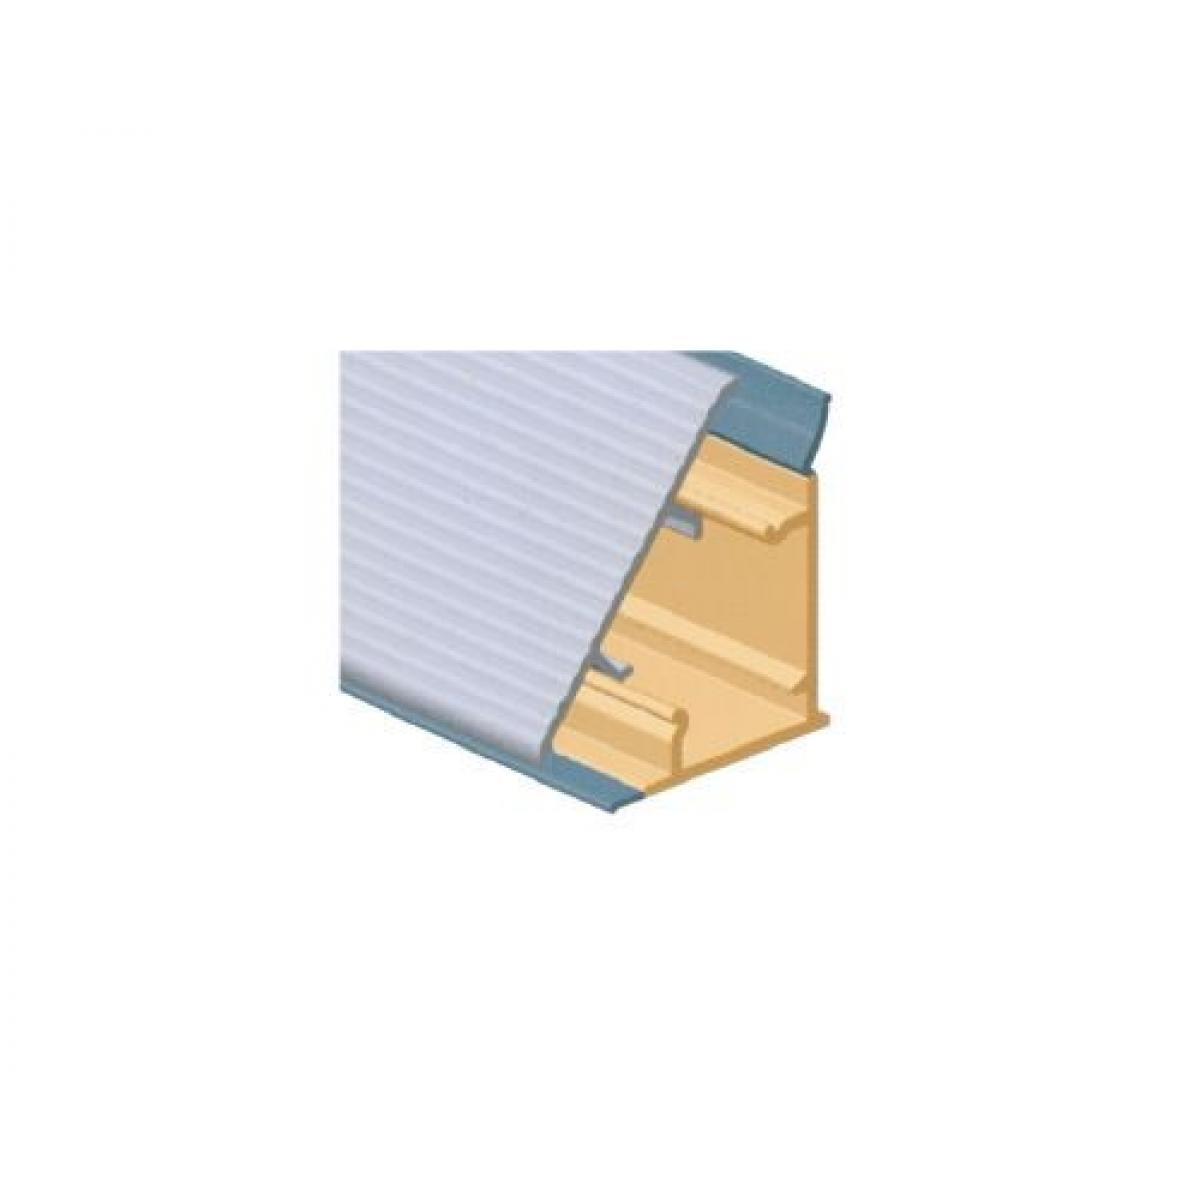 Плинтус столешницы M3530, с алюминиевой вставкой L=4000 цвет алюминий